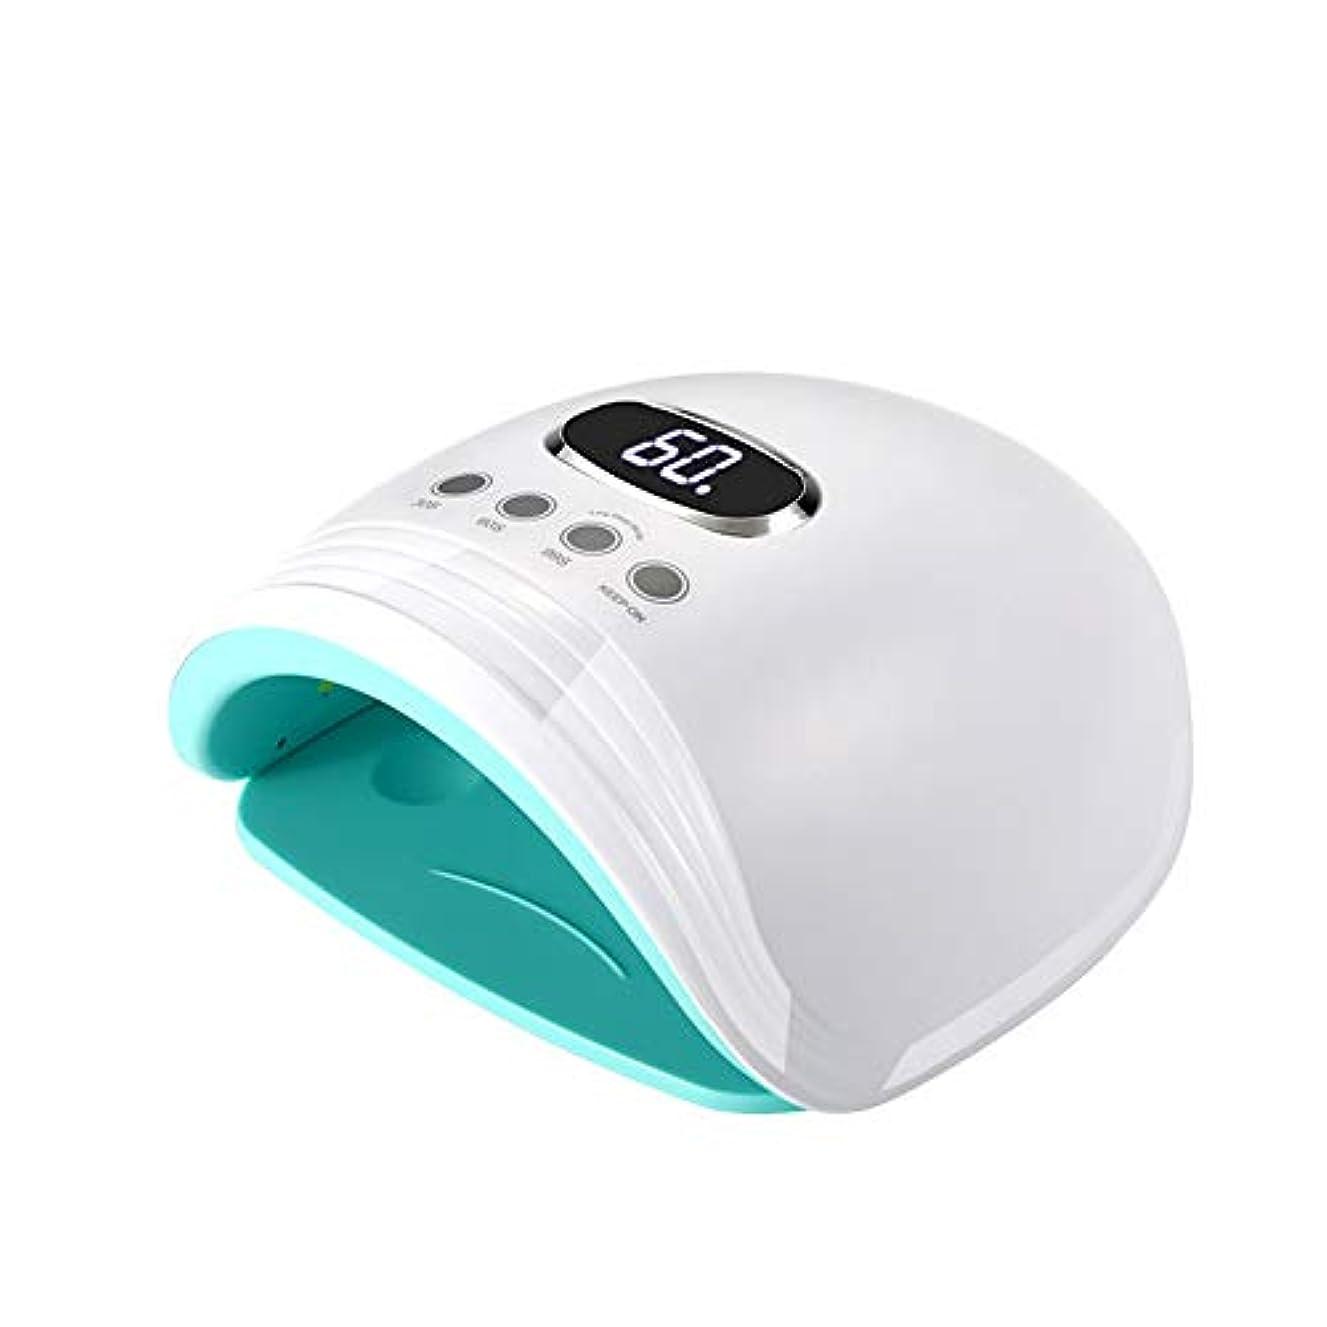 絶滅電圧沿ってホワイトニングネイル光線療法機60W /赤外線センサー/ダブルライト